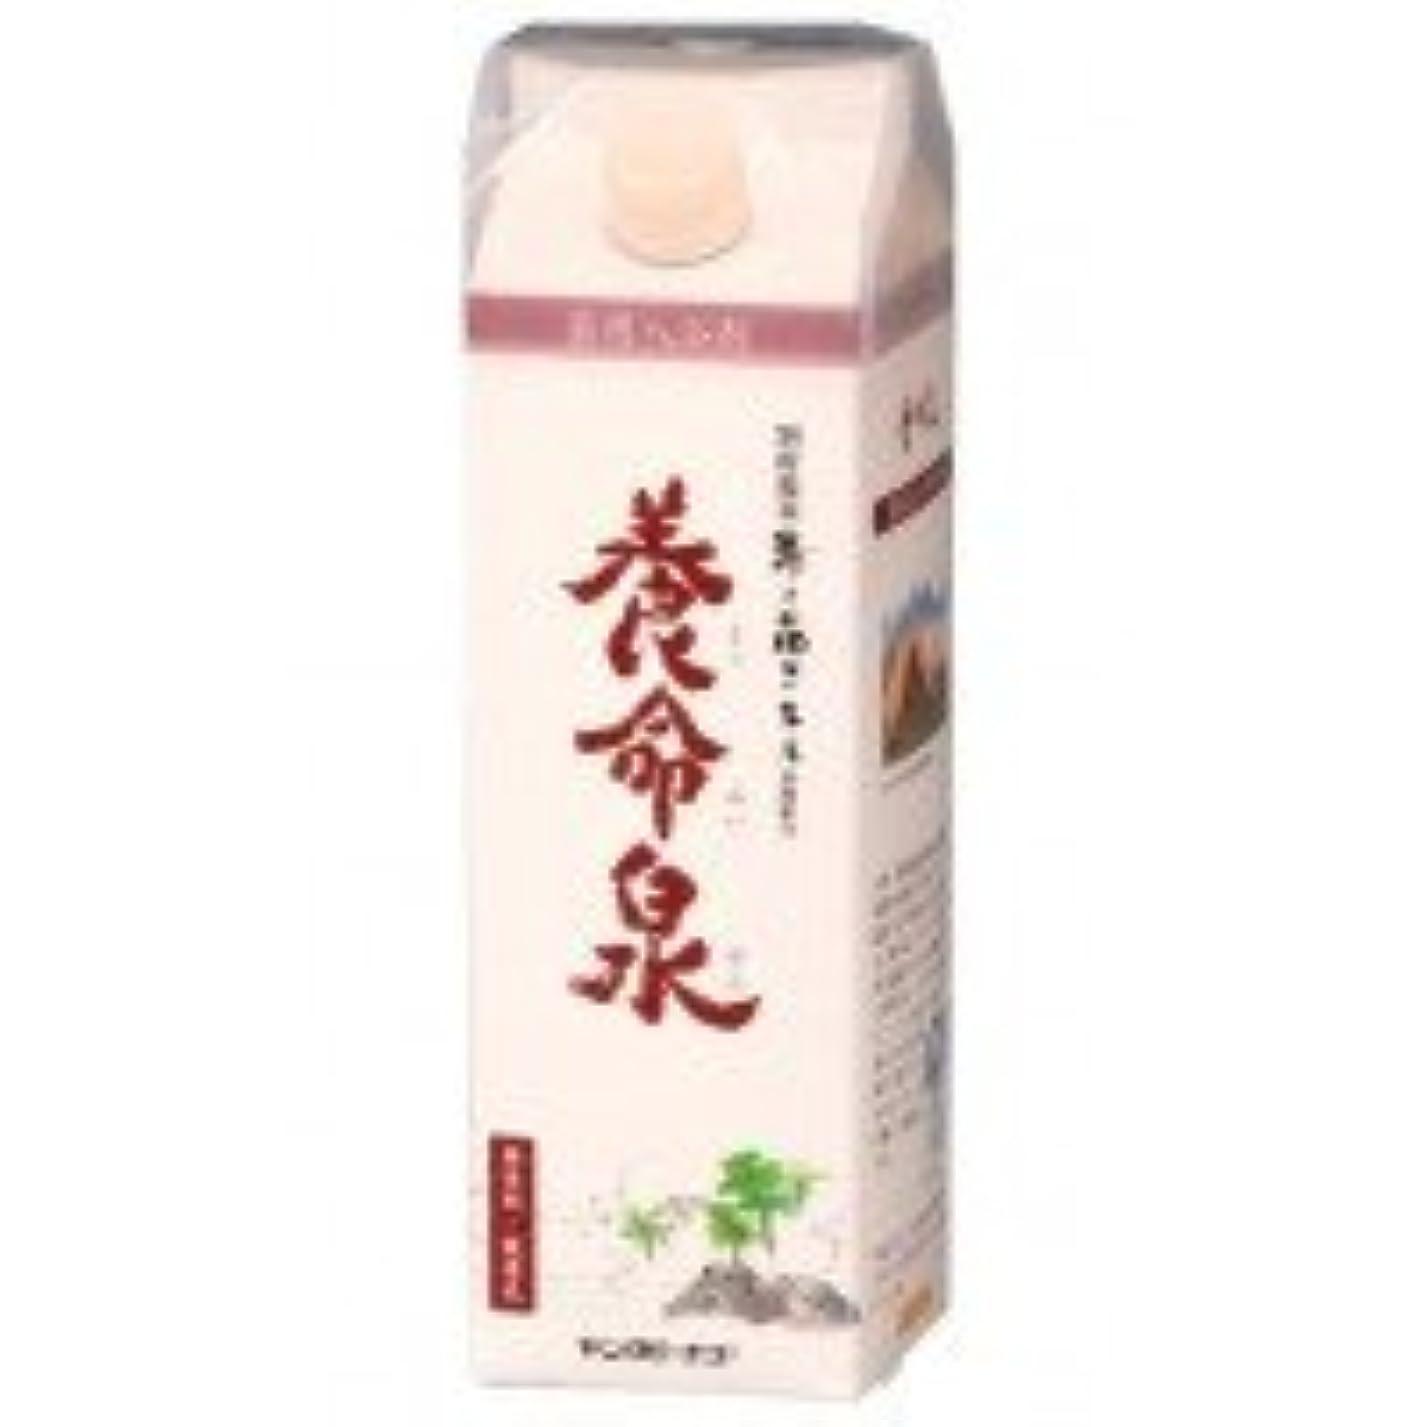 管理潤滑するプロテスタントヤングビーナス 薬用入浴剤 養命泉 900g